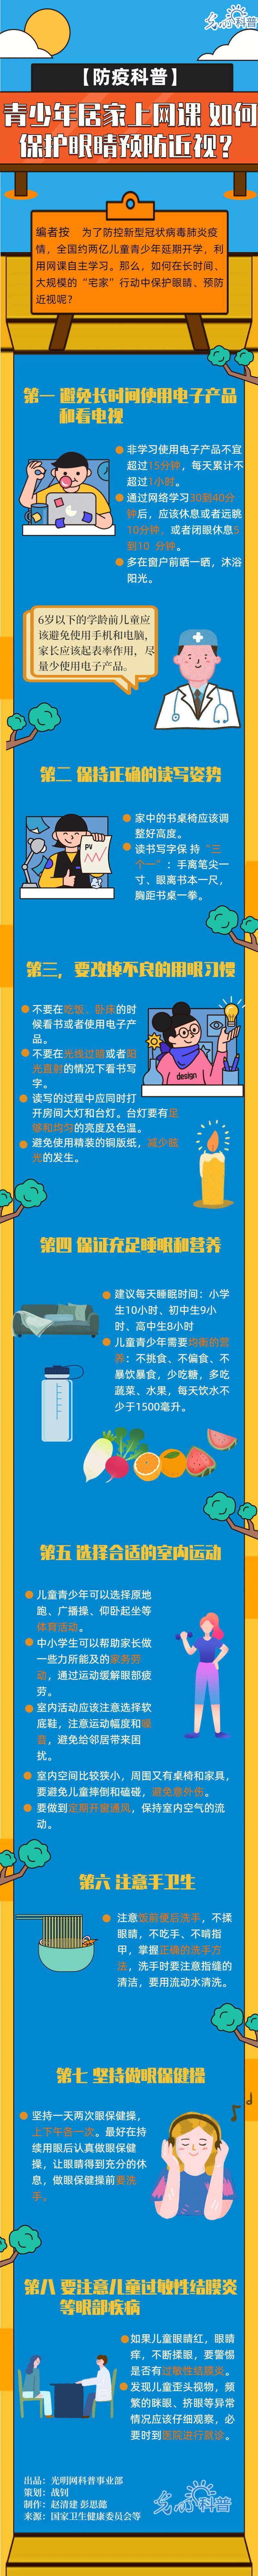 北京助孕青少年居家上网课 如何保护眼睛预防近视?